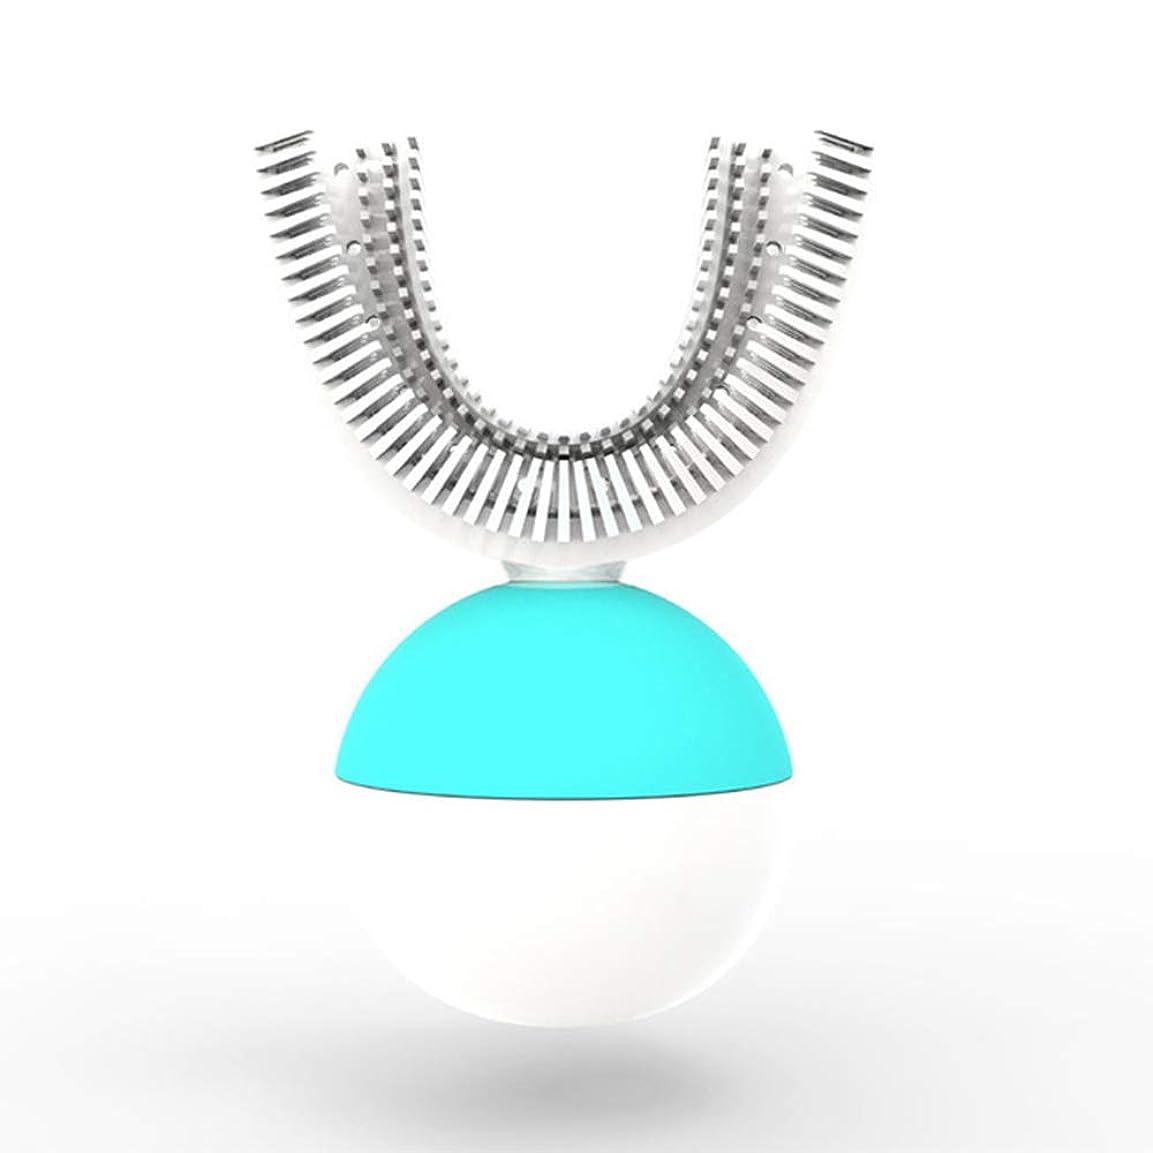 かる加入ディベート歯の洗剤、電動歯ブラシシリコーン電動歯ブラシ怠惰な歯ブラシ成人自動歯ブラシ